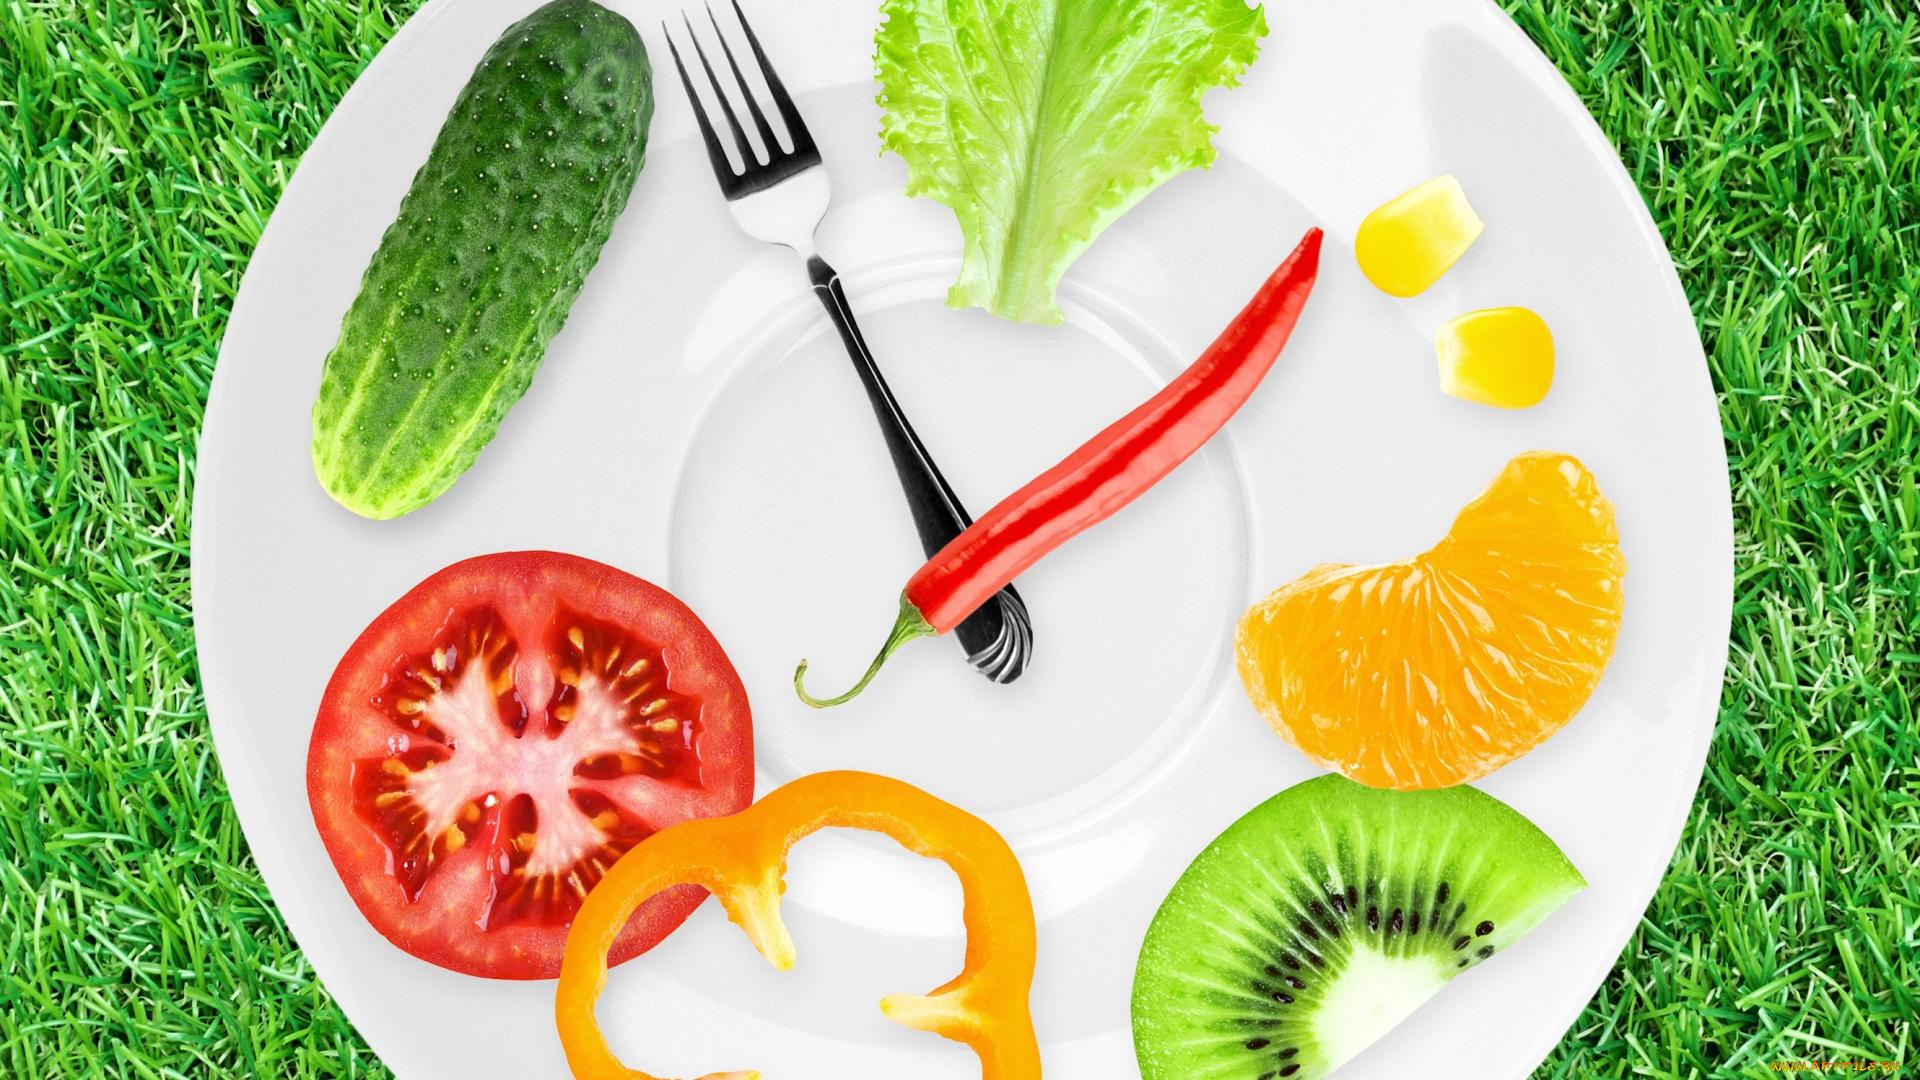 уже картинки с надписью здоровое питание общей композиции осваиваемом